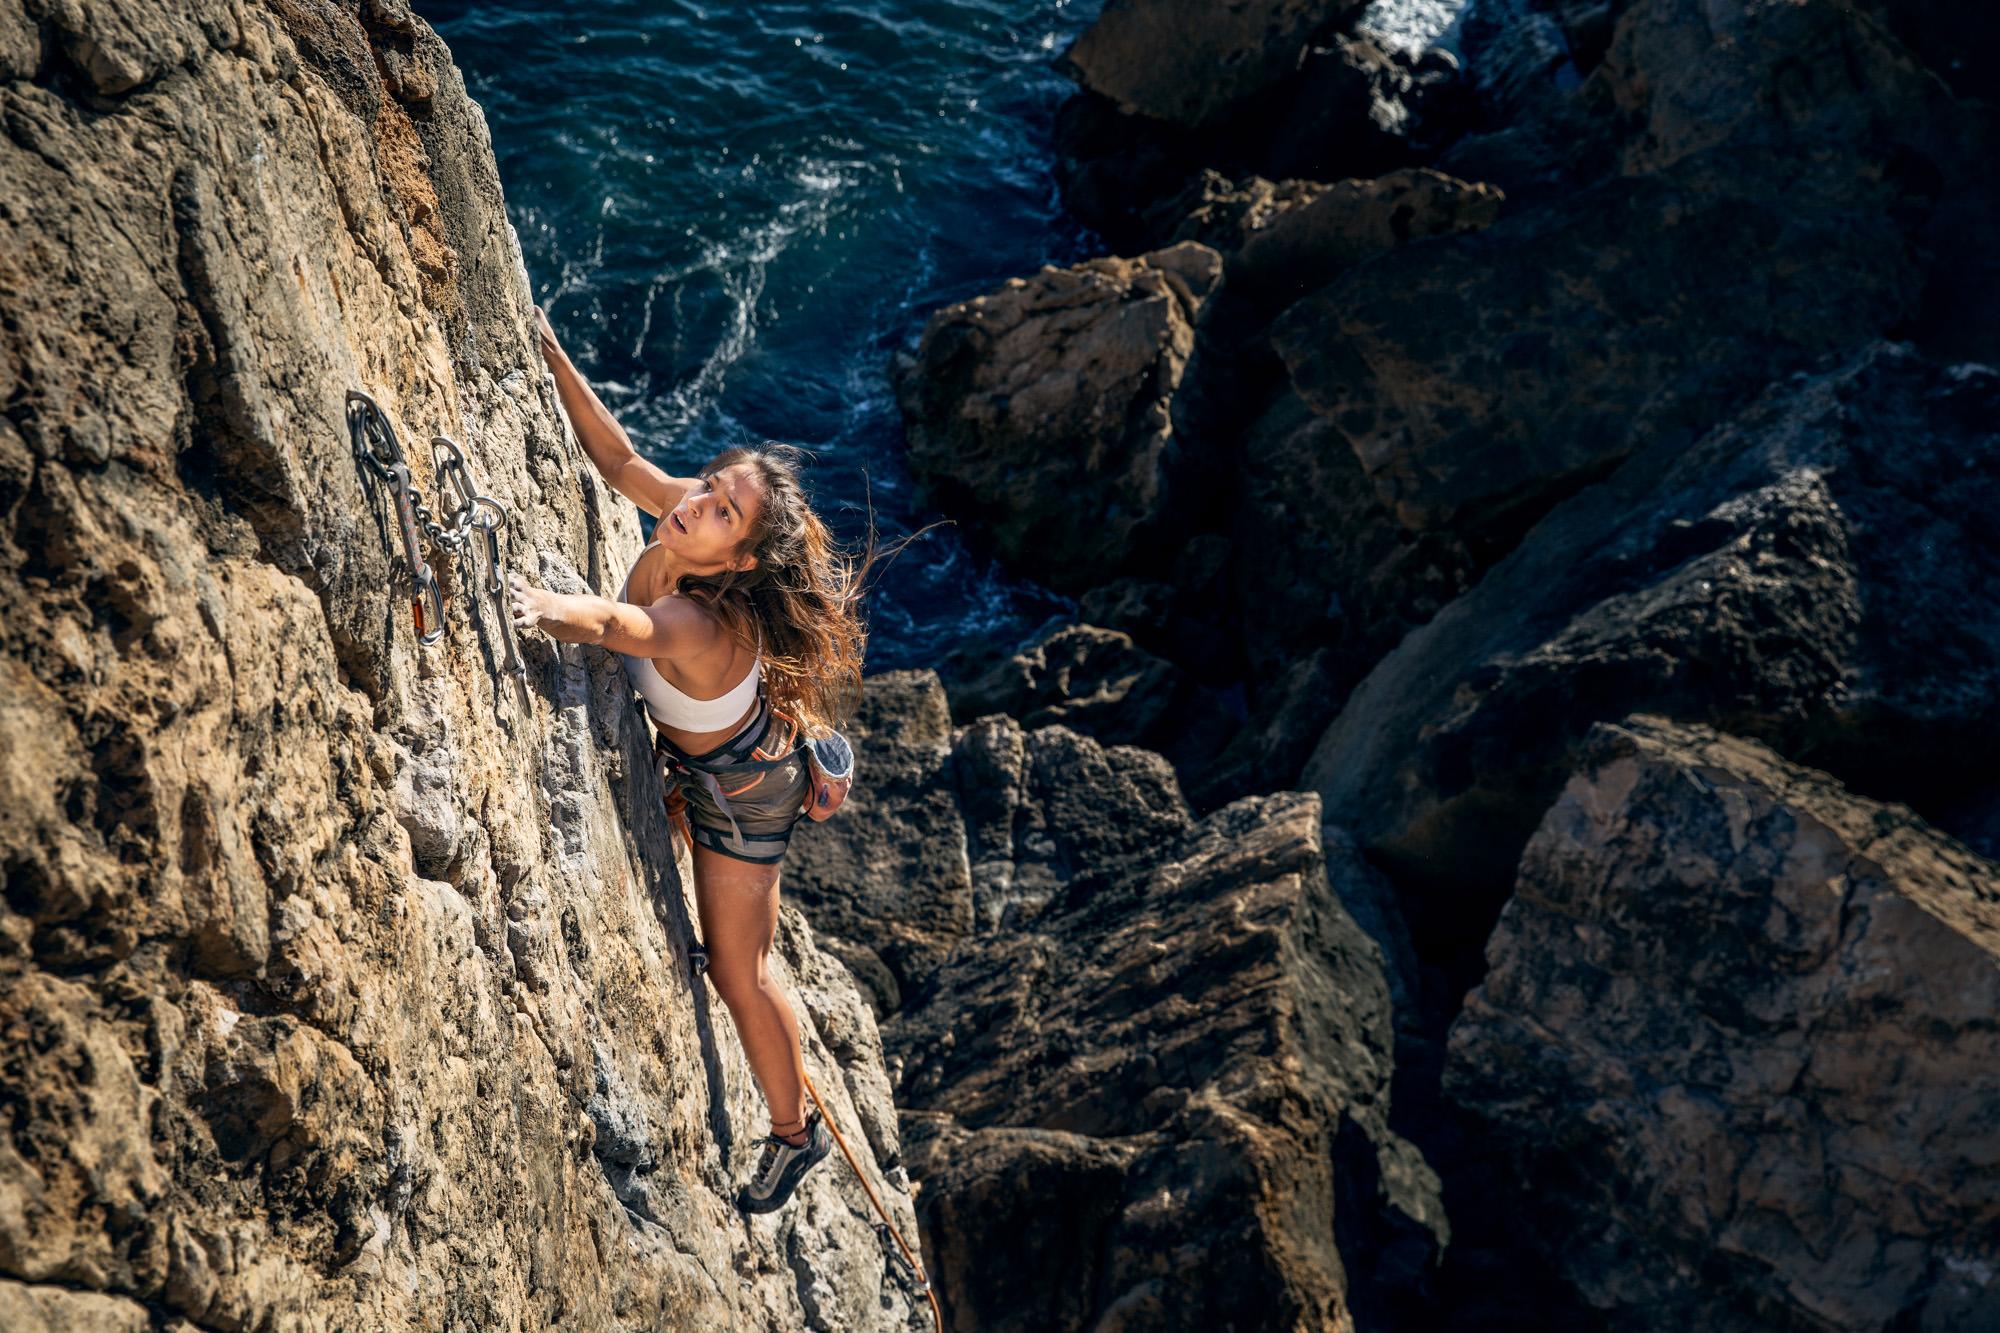 Inês Azevedo climbing in Guia - Cascais - Portugal ©Martim Vidigal